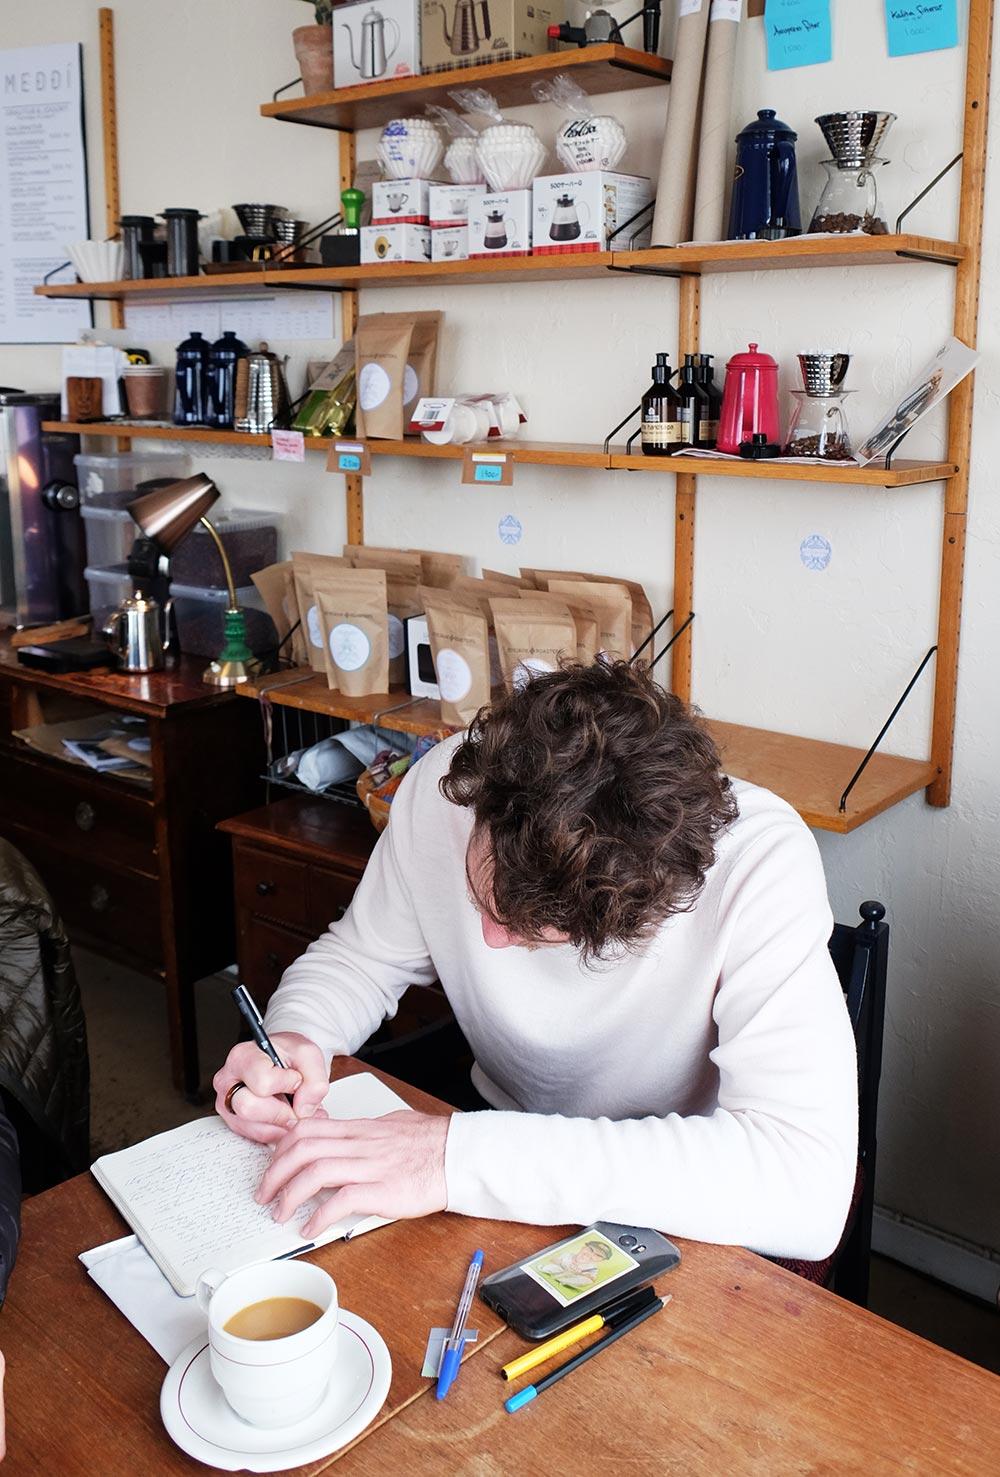 ohelterskelter.com reykjavík roasters